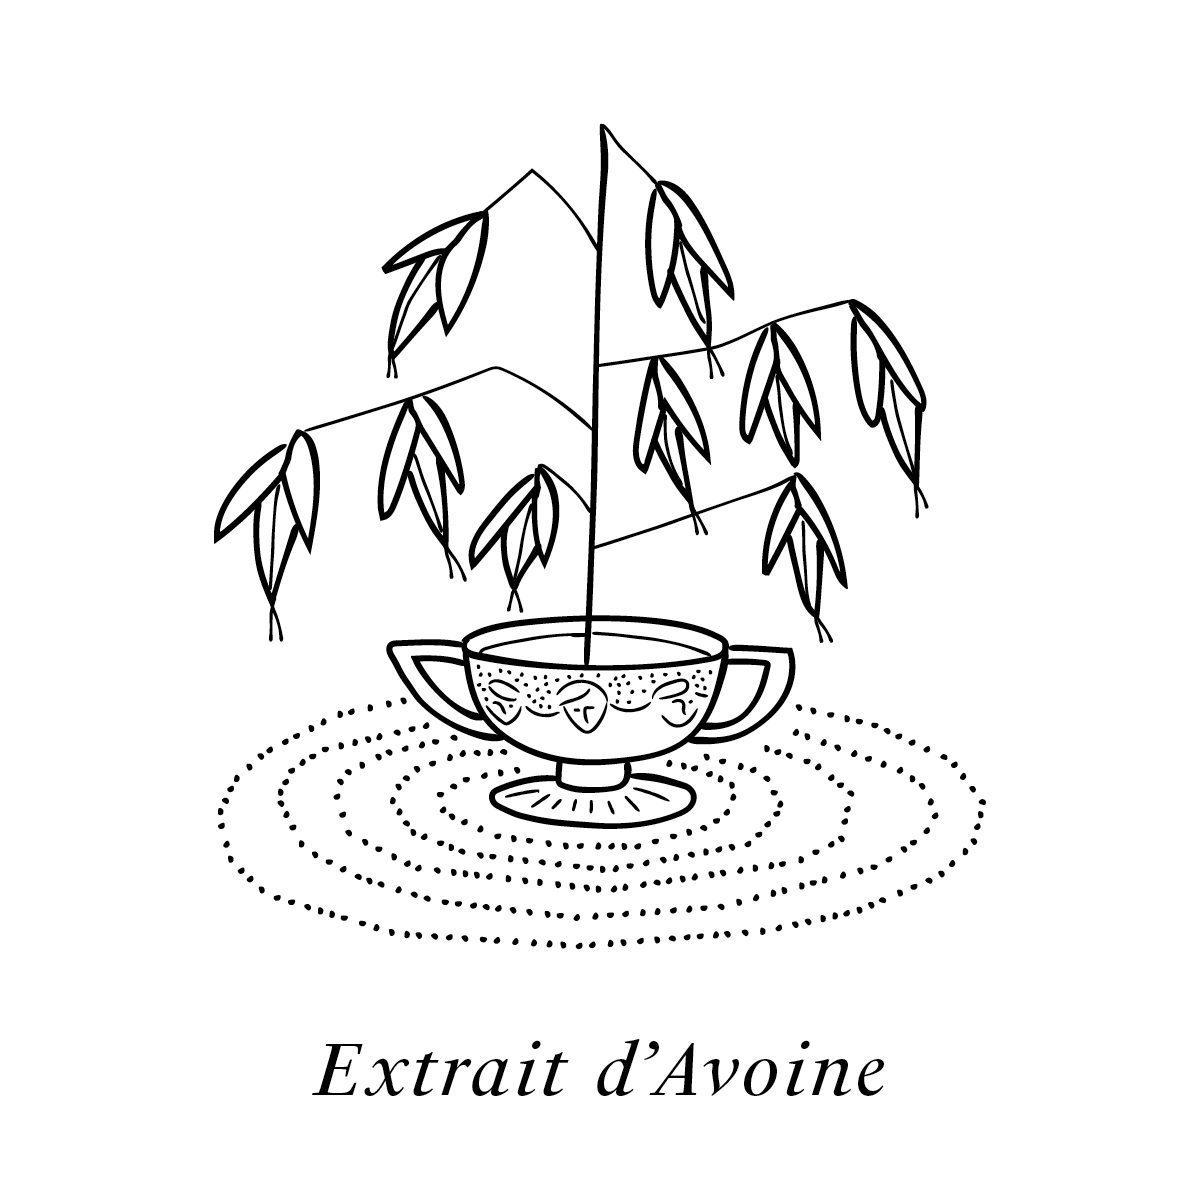 L'extrait d'avoine illustré par IchetKar, un des 19 actifs de la crème de jour et de nuit Claudius N°1